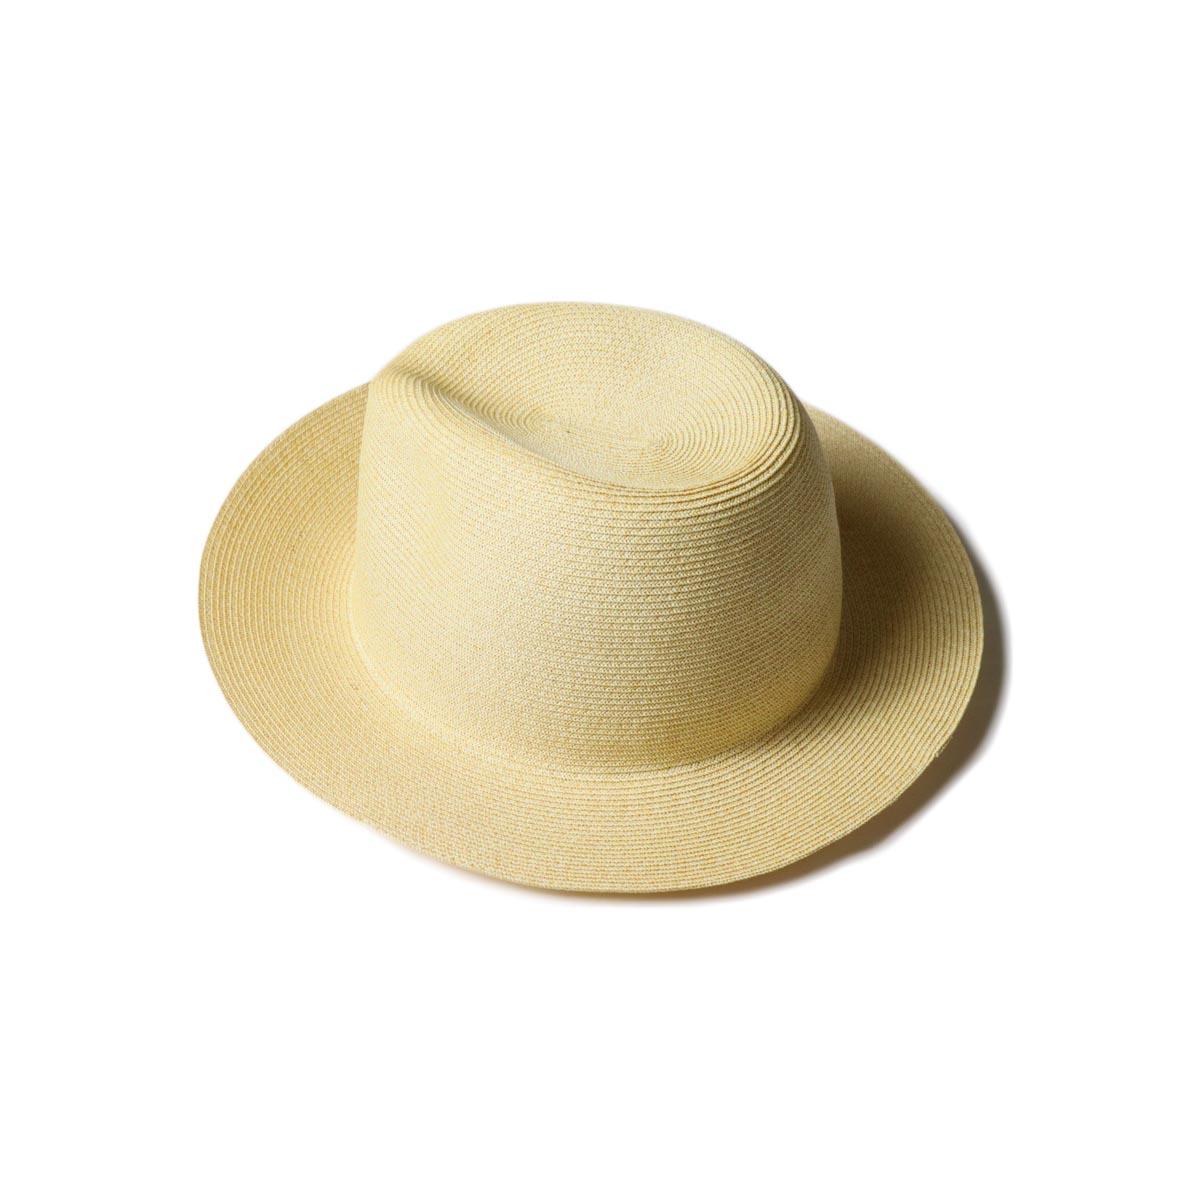 KIJIMA TAKAYUKI / Paper Hat (E-211004)beige 斜め後ろ